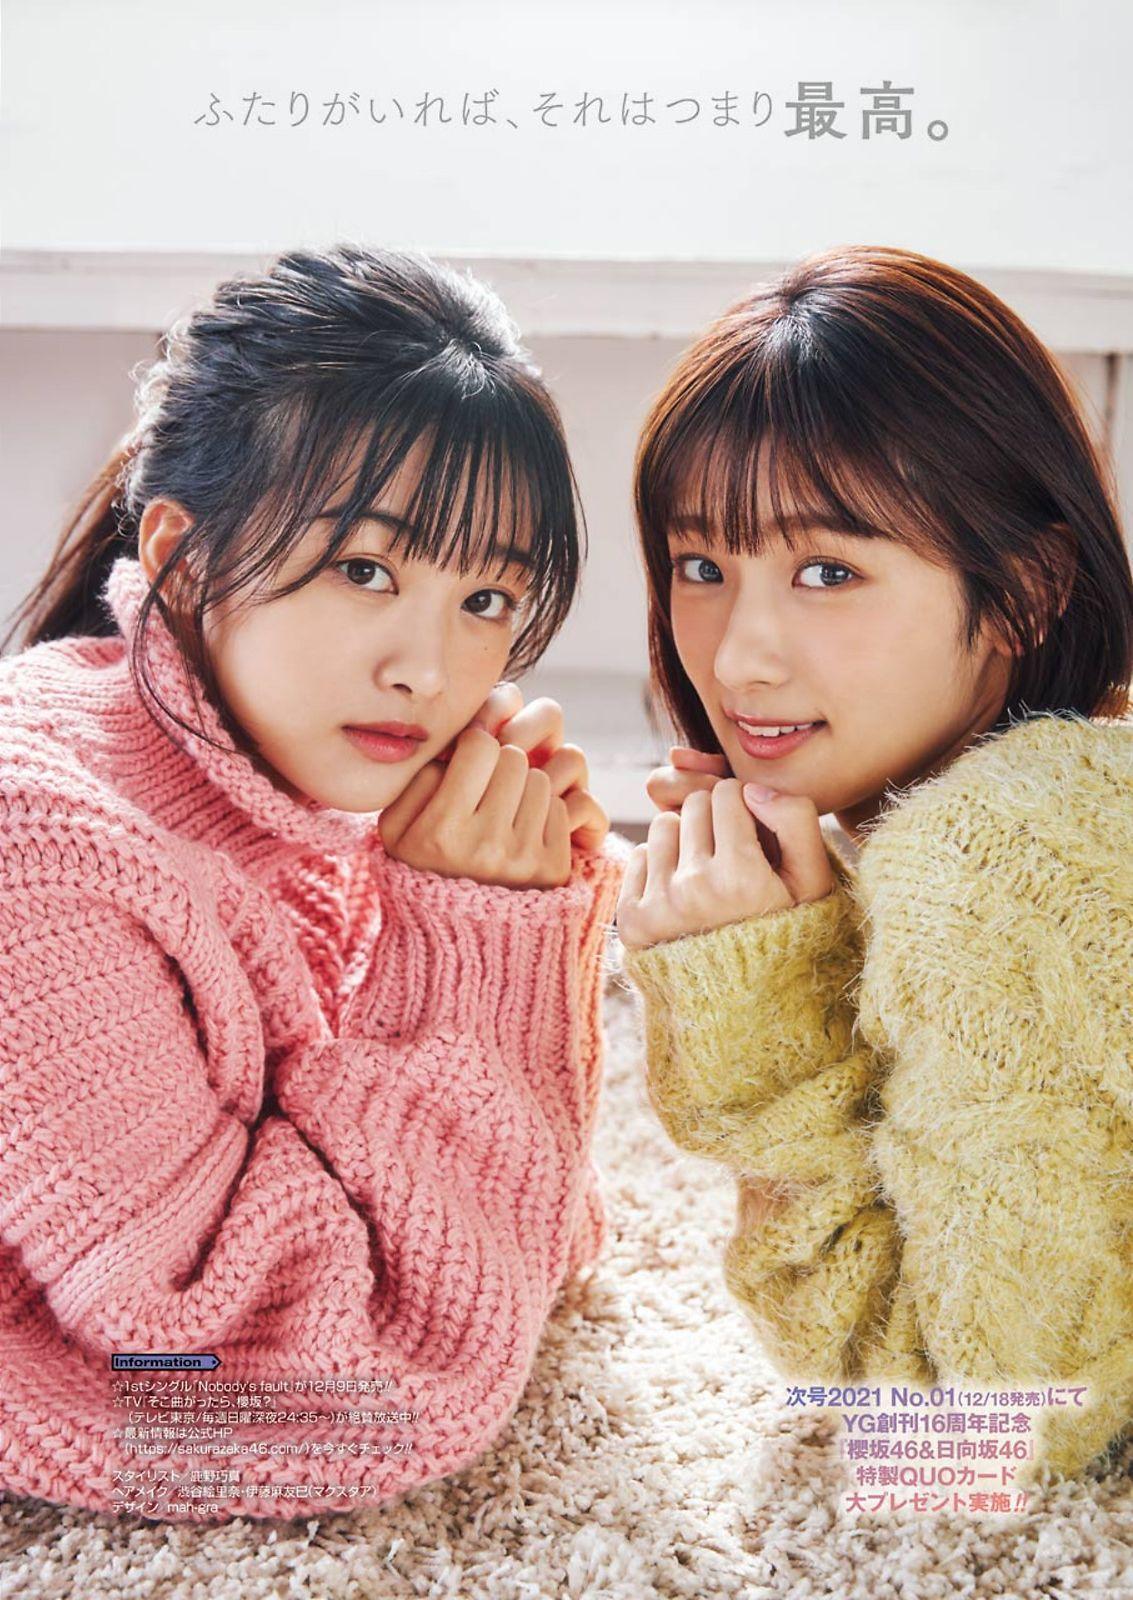 樱坂46 Young Gngan 10_1